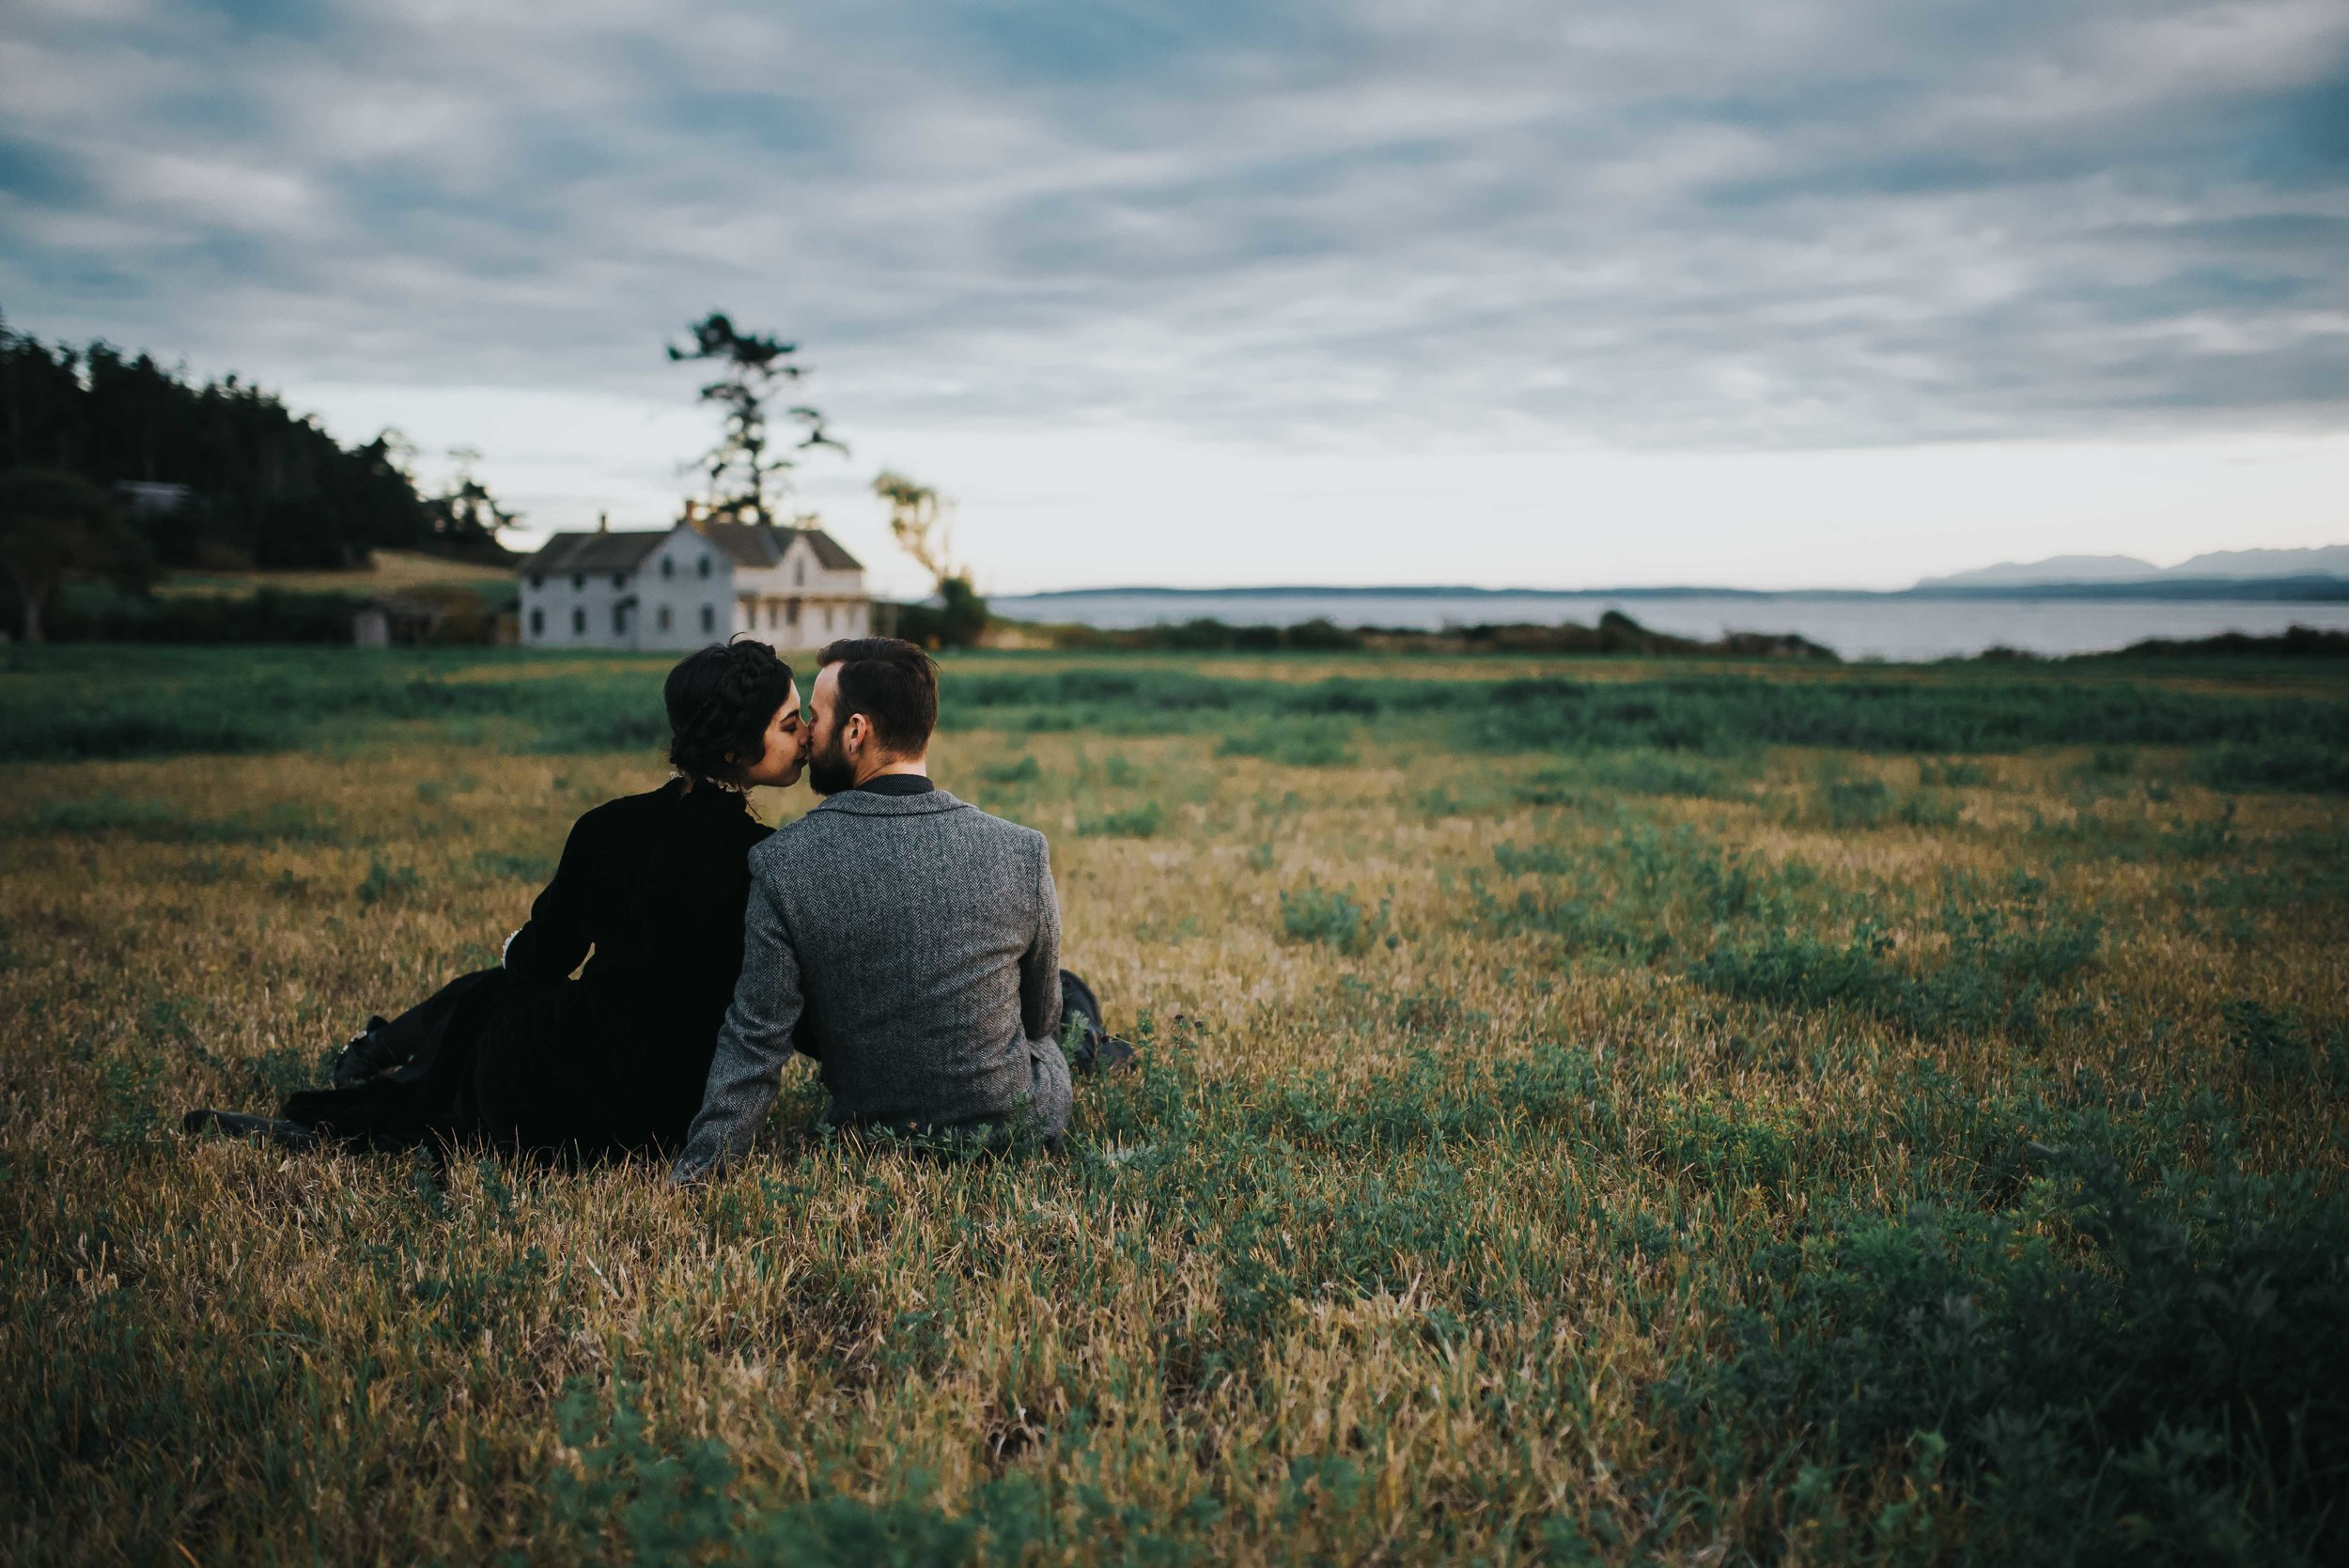 Oak-Harbor-Photographer-J-Hodges-18.jpg